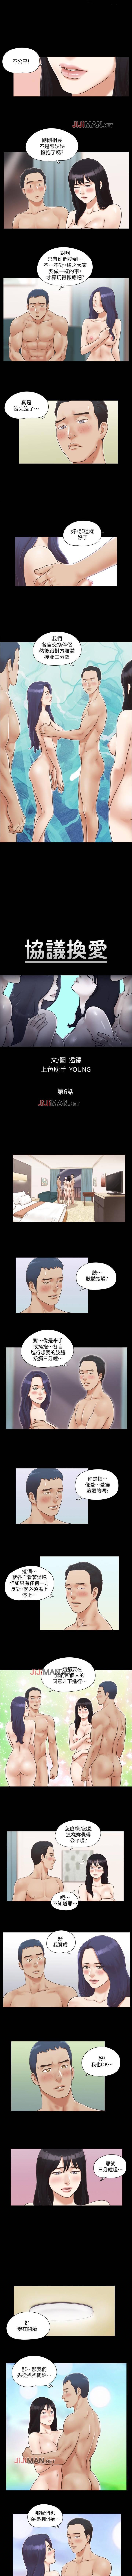 【周五连载】协议换爱(作者:遠德) 第1~62话 23